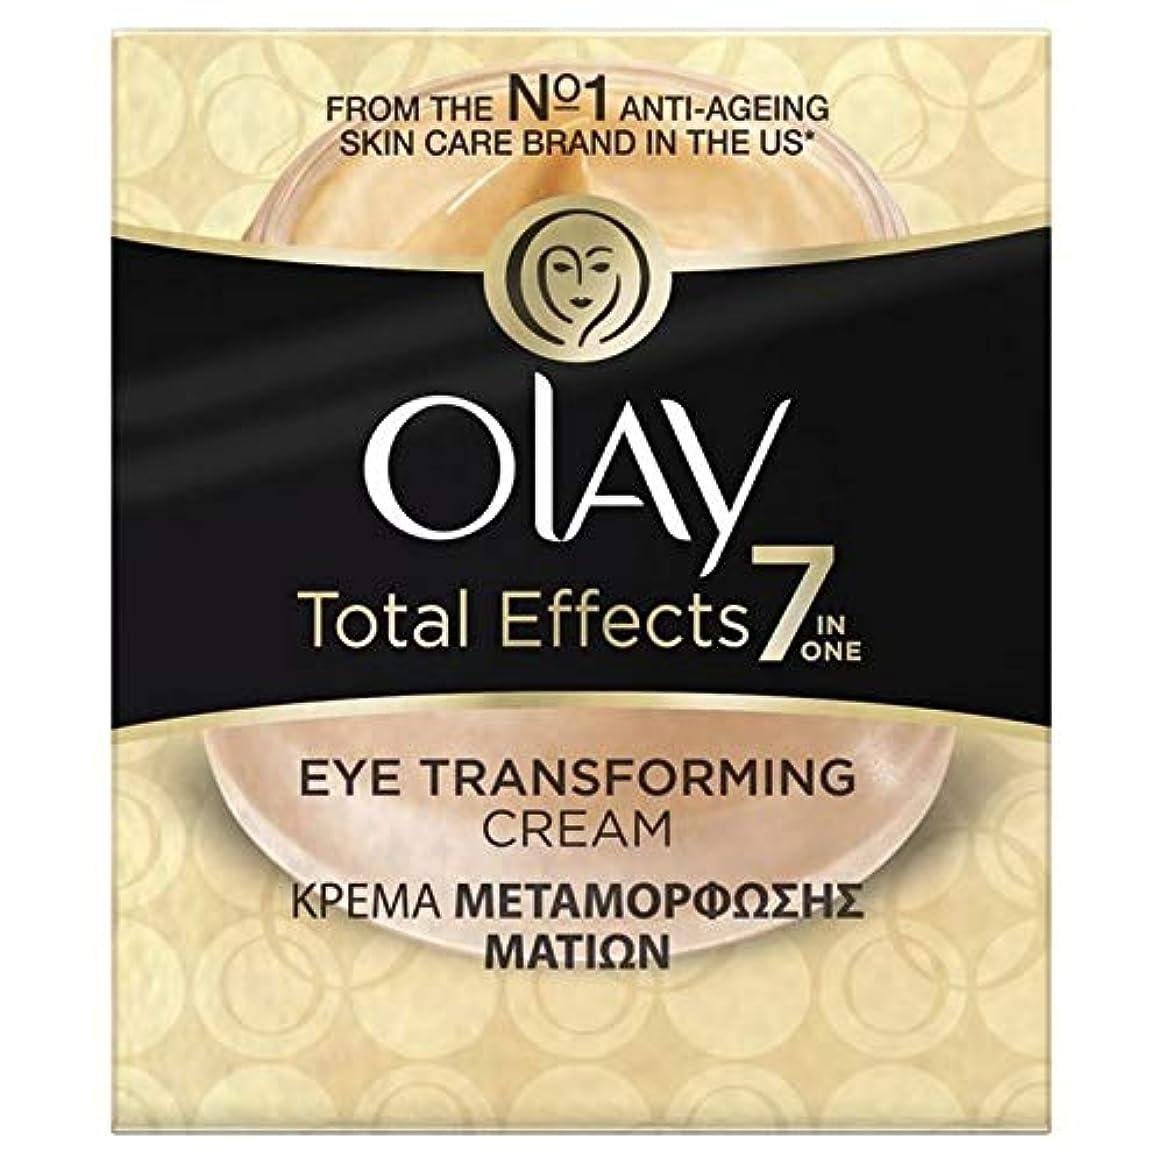 論争導出組み立てる[Olay] オーレイ総効果眼変換クリーム15Ml - Olay Total Effects Eye Transforming Cream 15ml [並行輸入品]